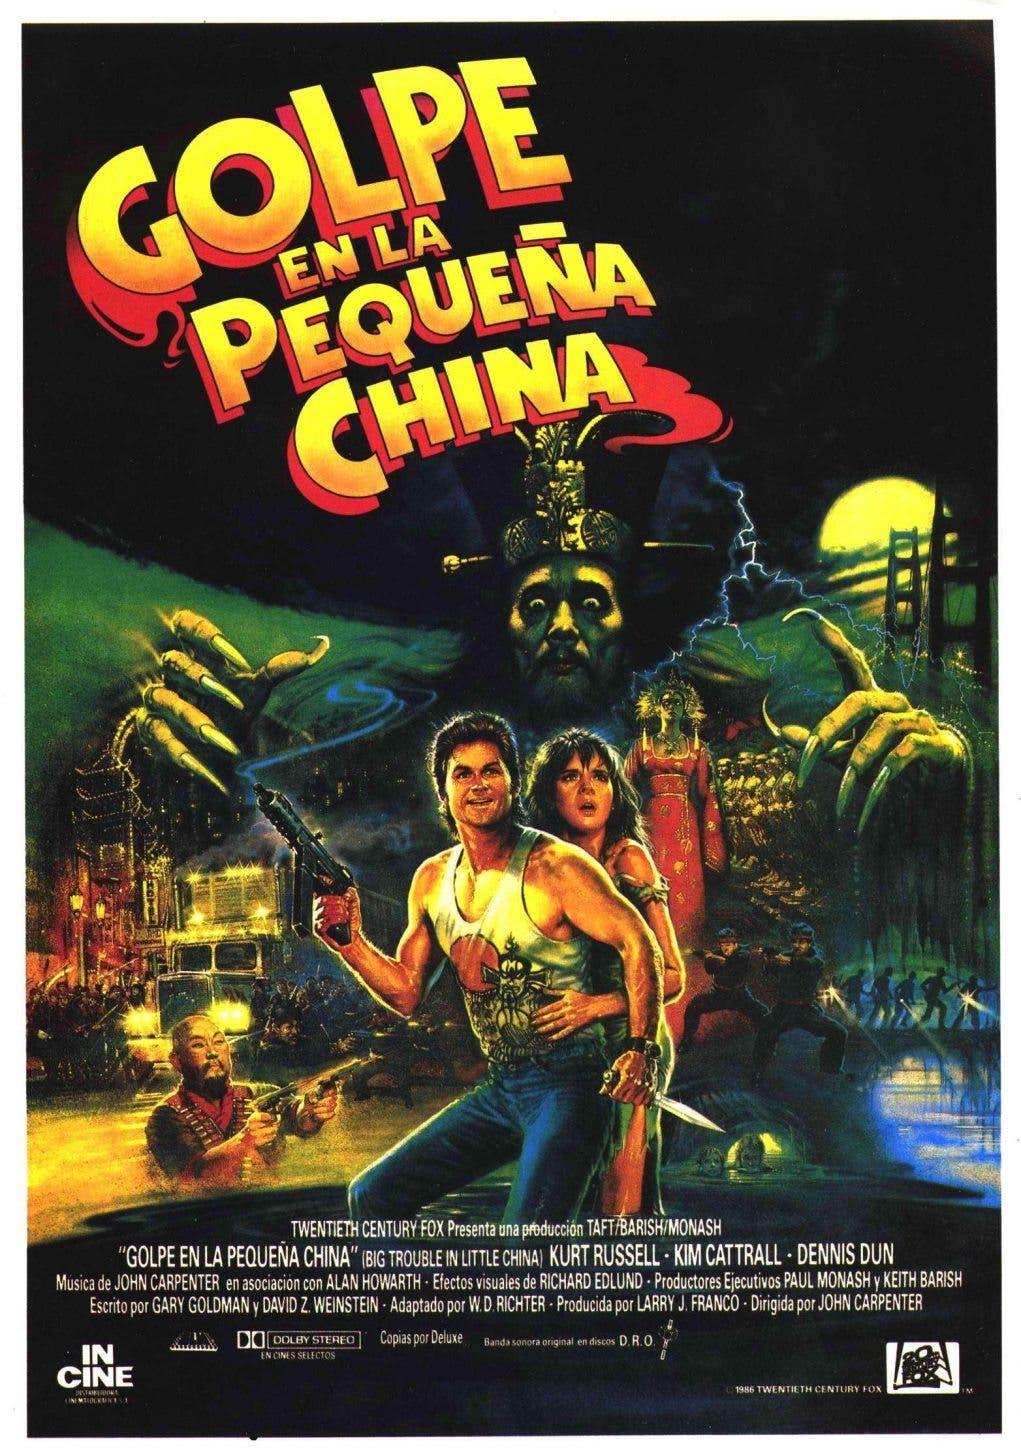 2712-golpe_en_la_pequena_china_1986